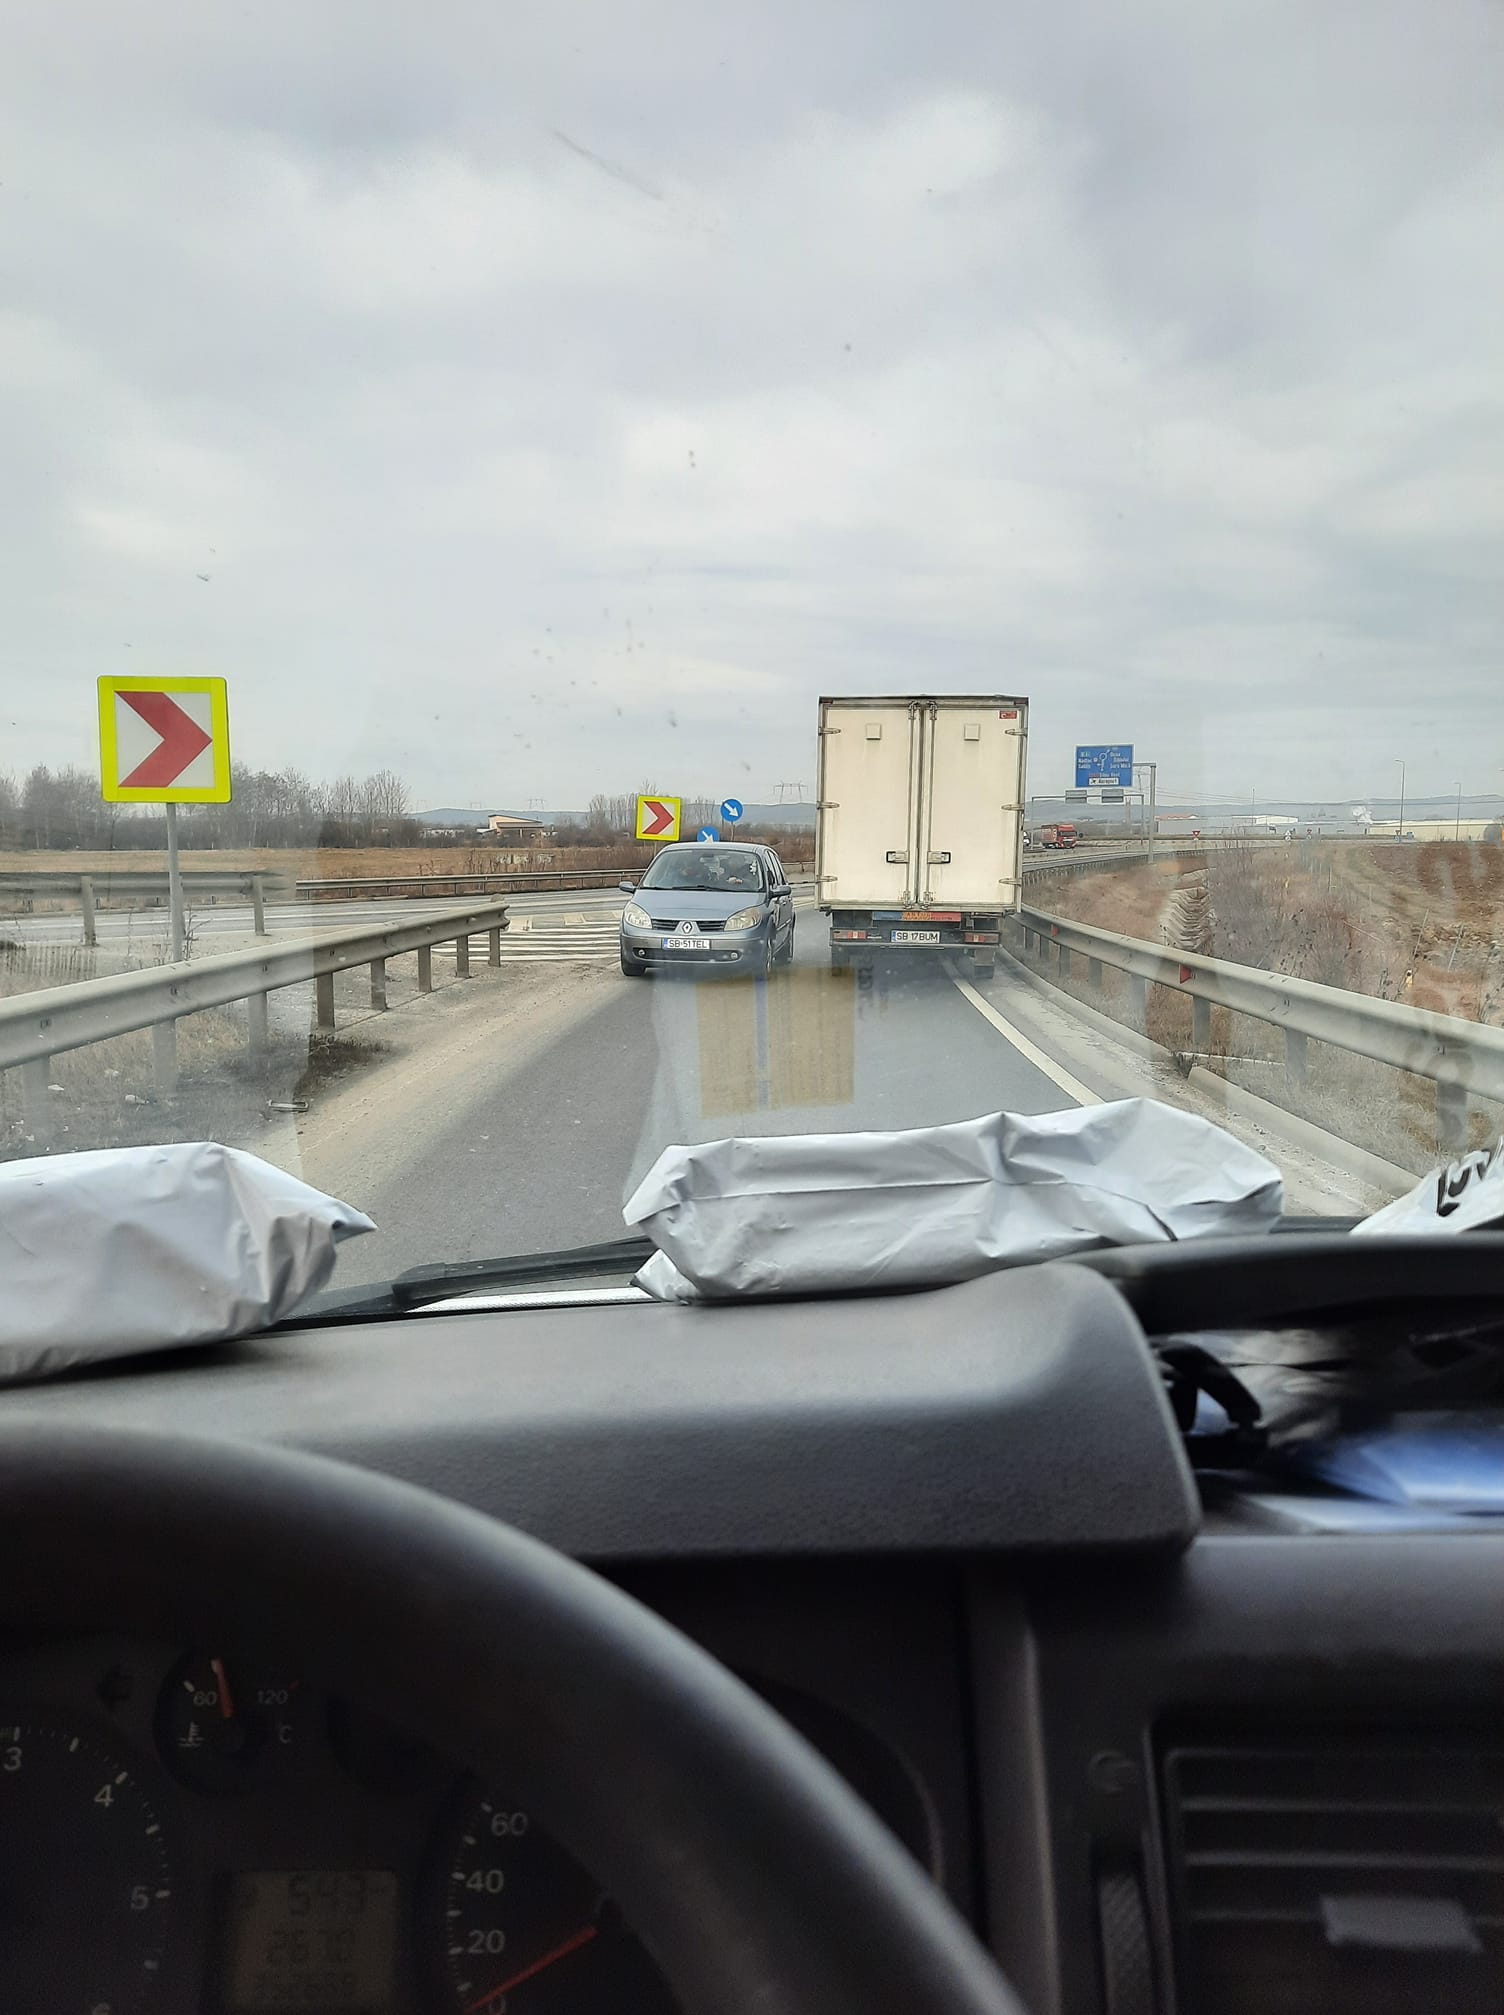 Șofer întors din drum de alți participanți la trafic, în timp ce încerca să intre pe contrasens pe centura Sibiului